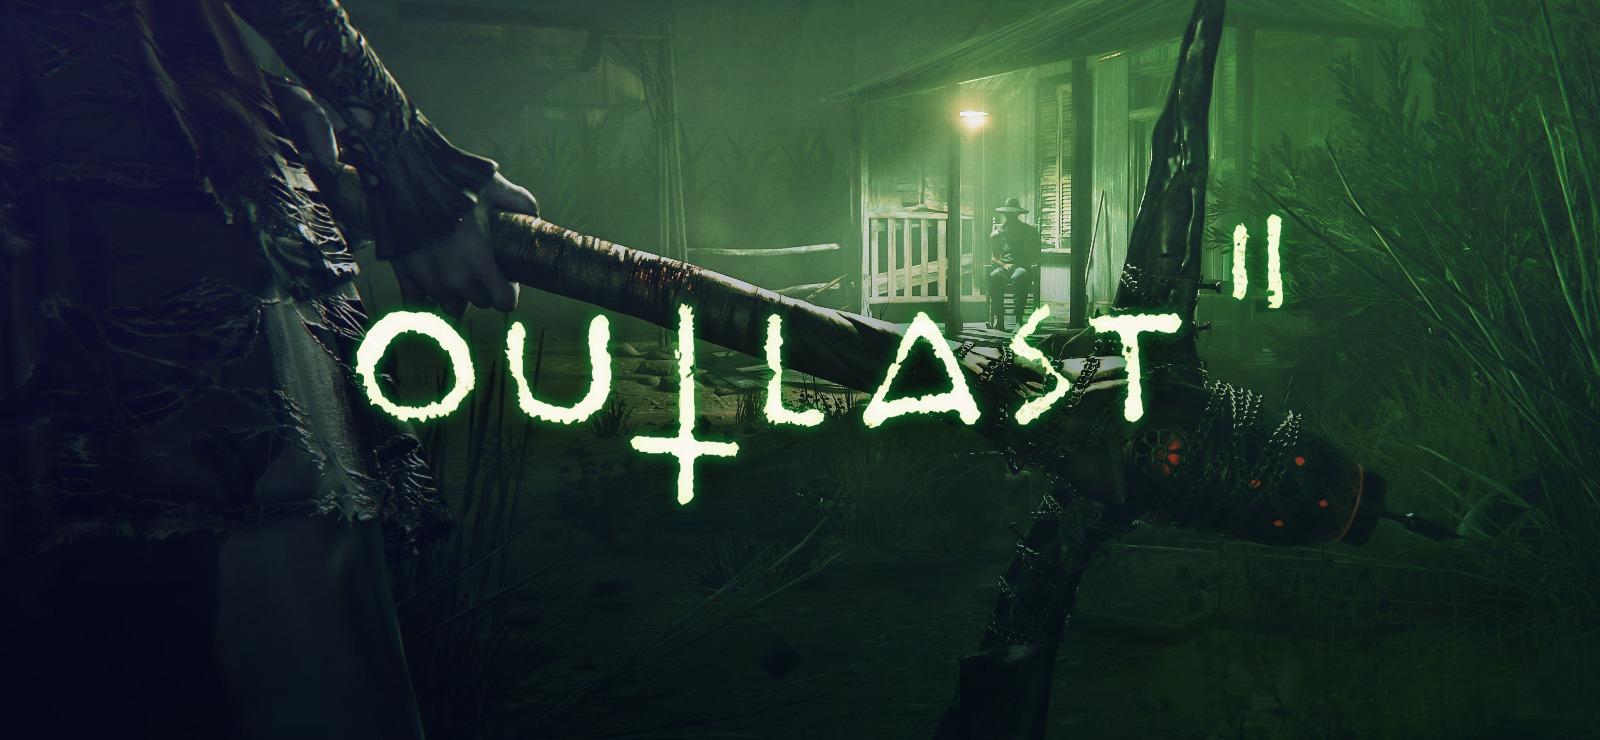 دانلود ترینر بازی Outlast 2